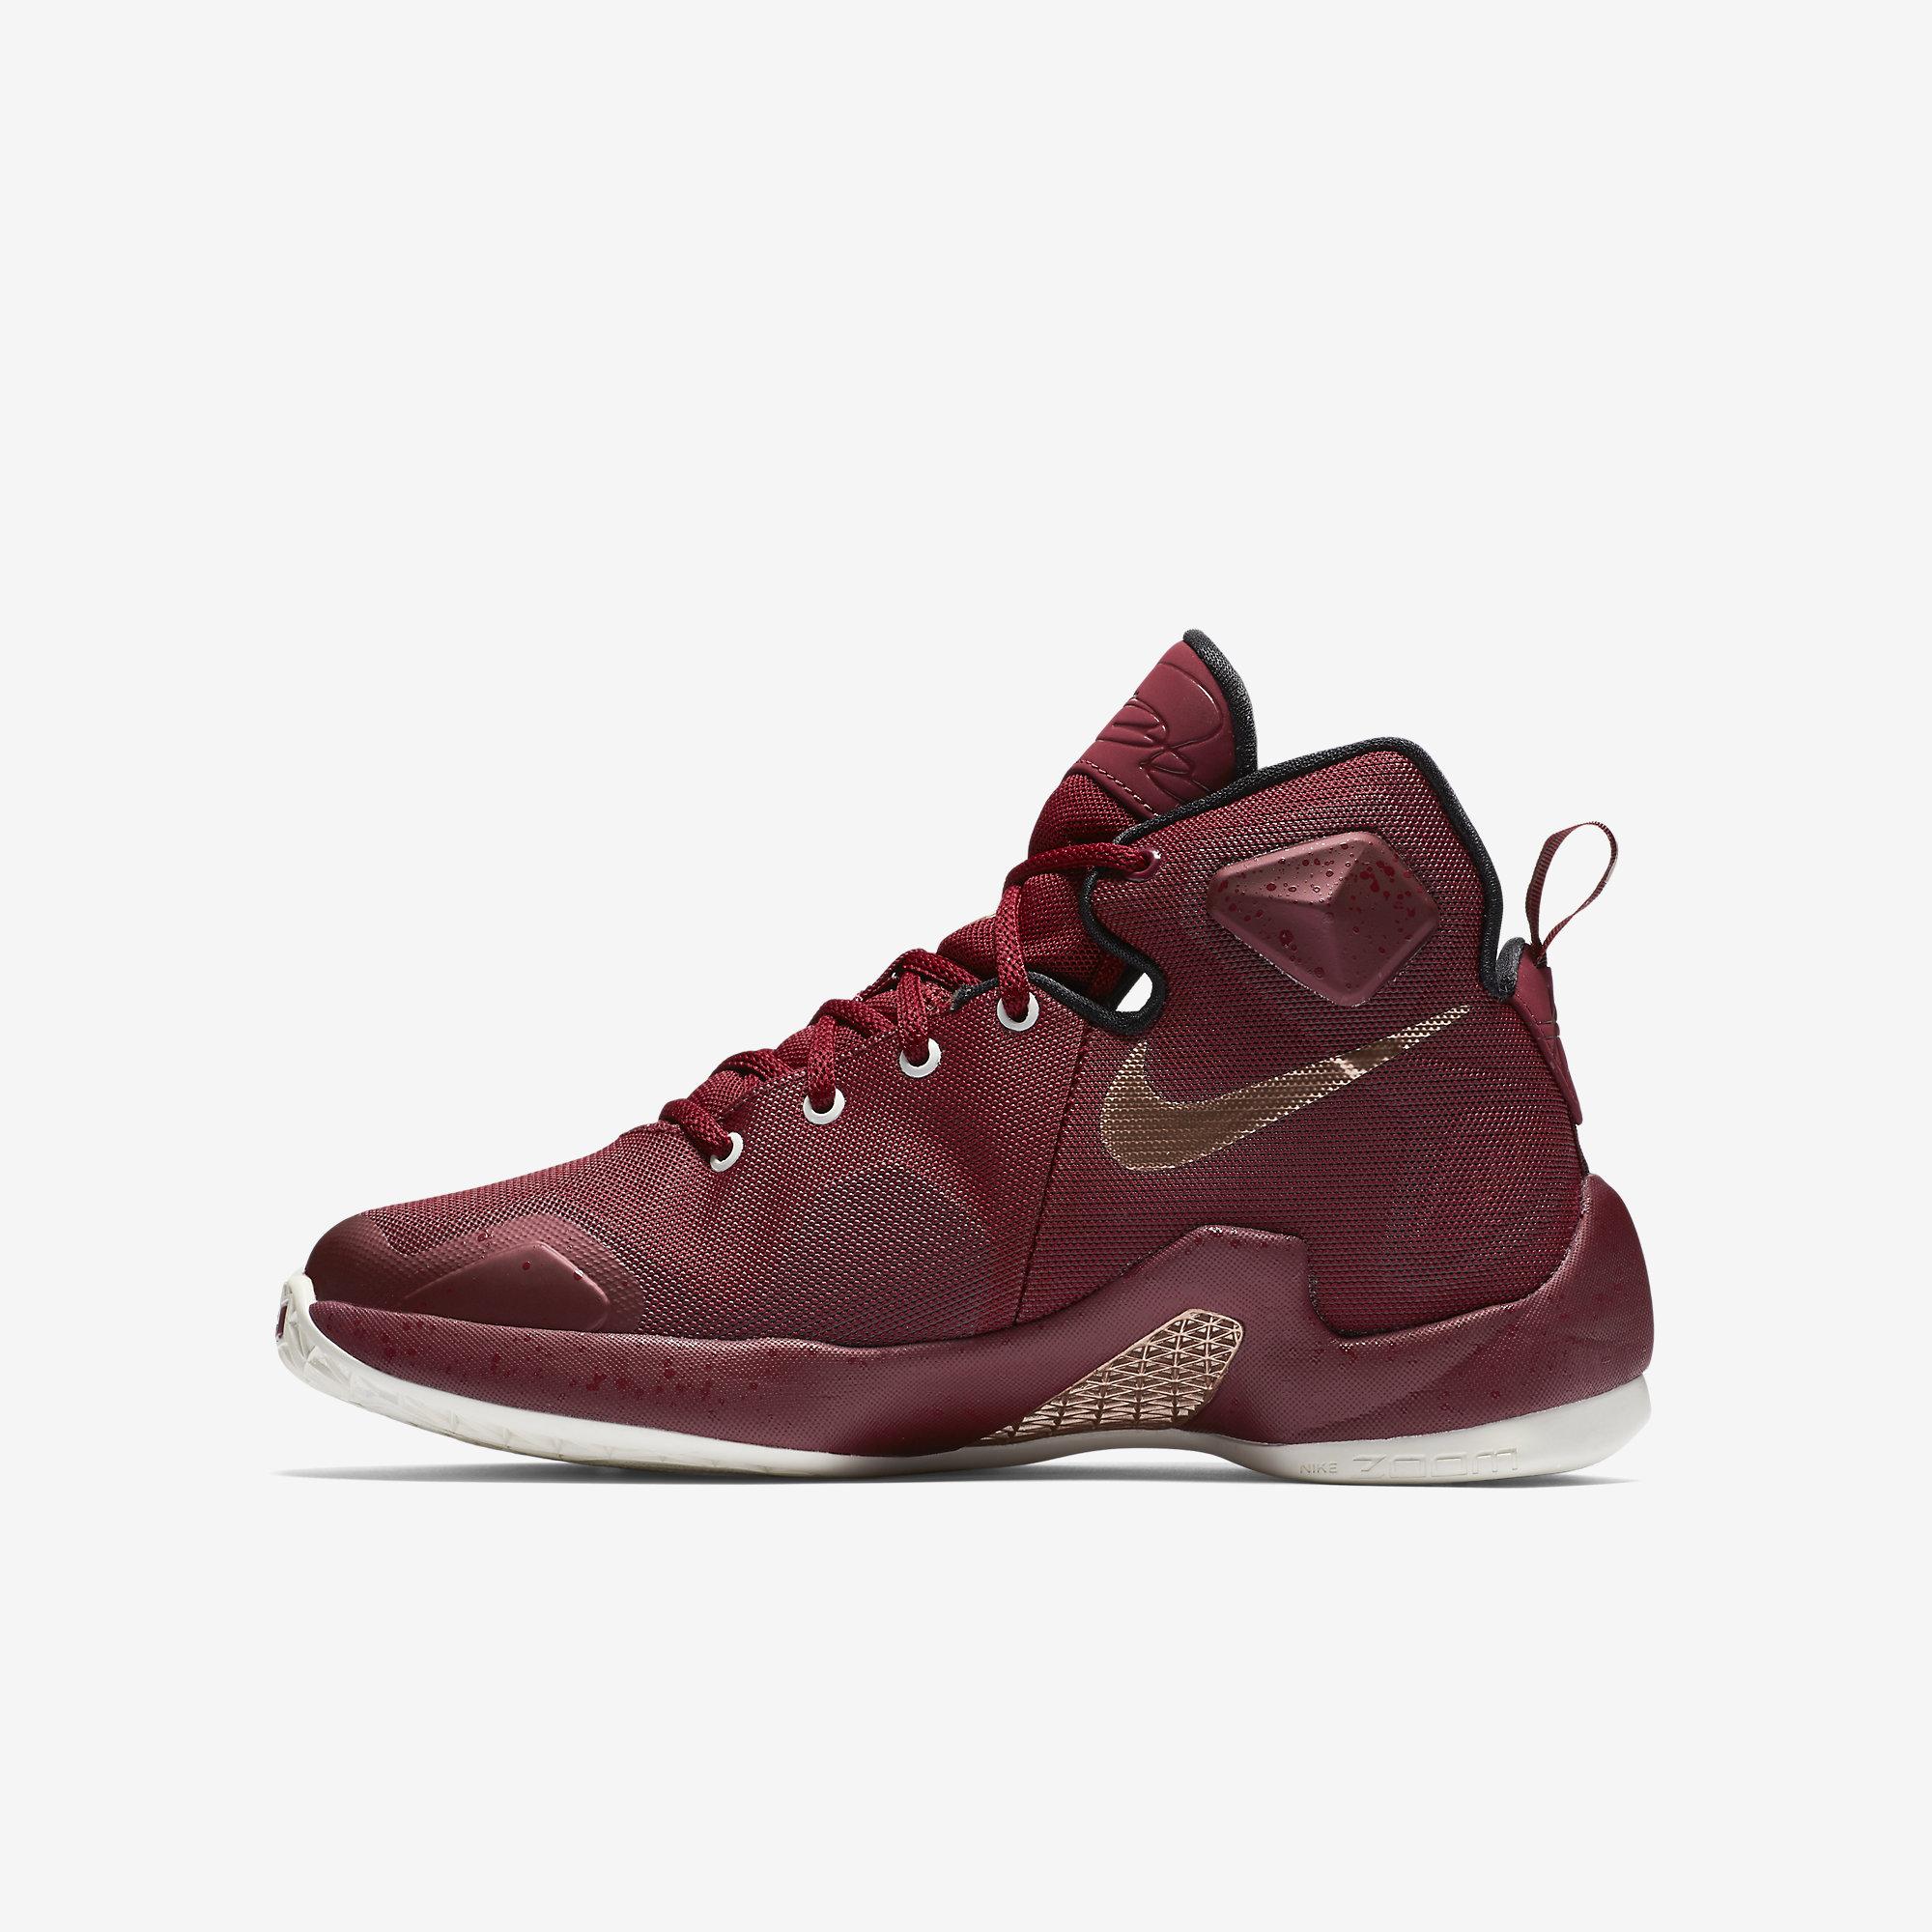 کفش بسکتبال زنانه نایکی مدل lebron 13